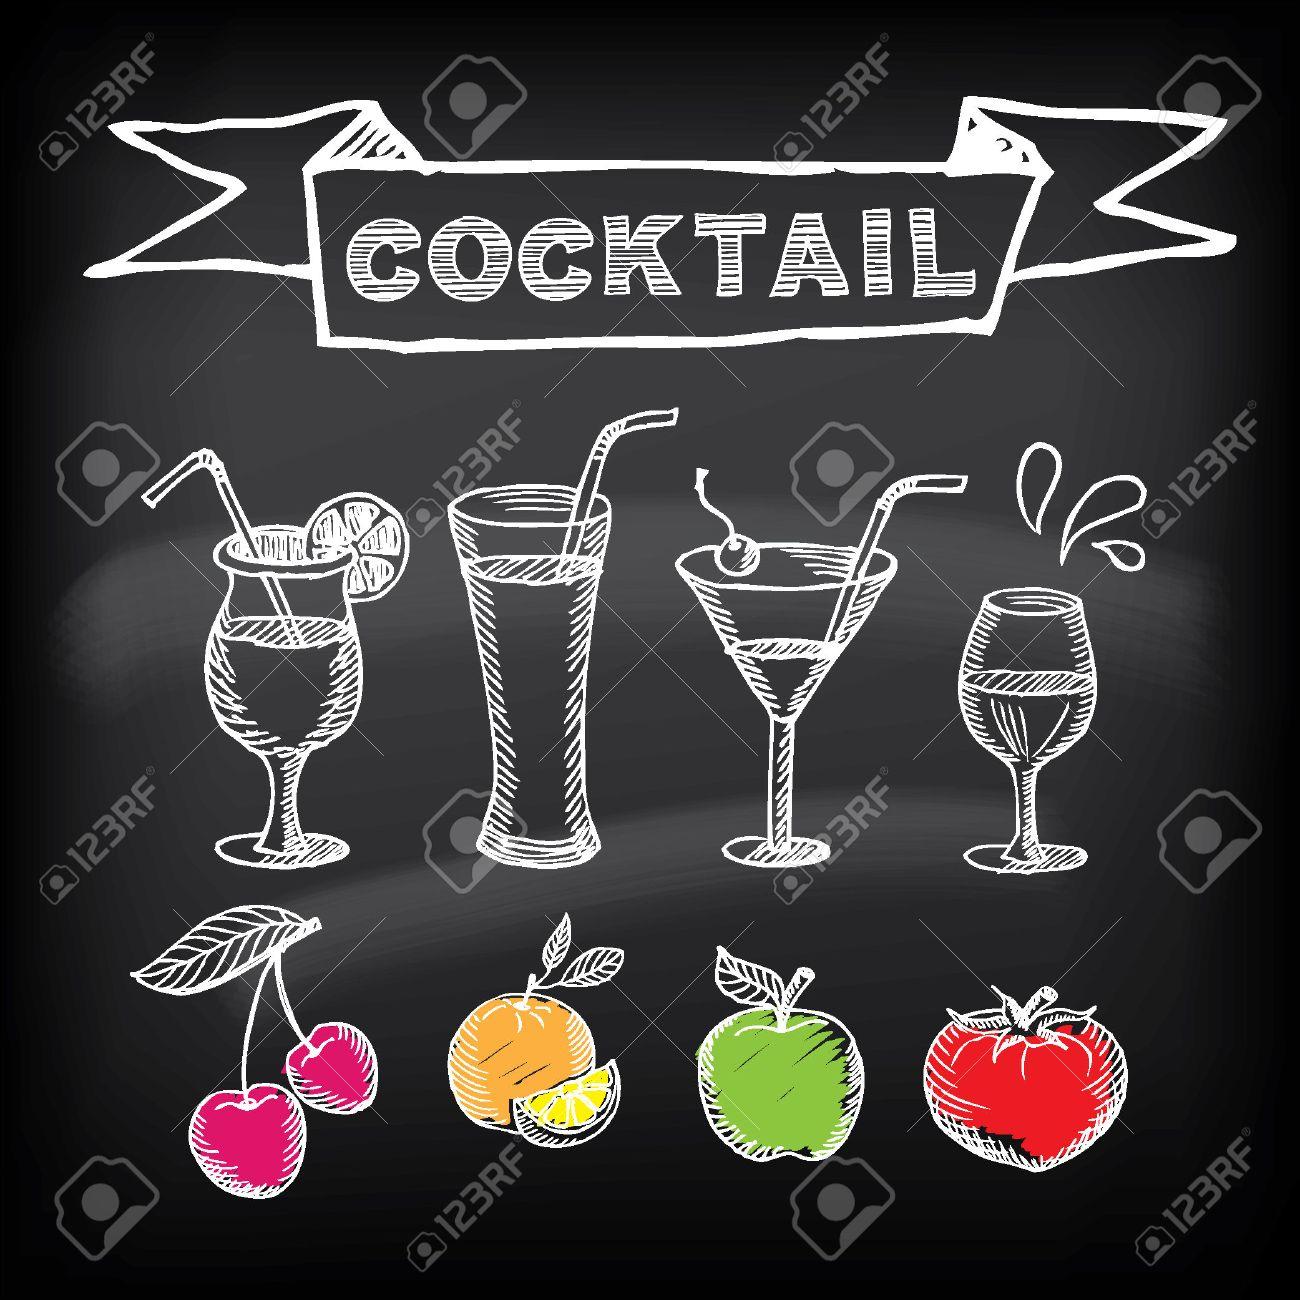 Cocktail-Bar Menü-Vorlage-Design. Lizenzfrei Nutzbare Vektorgrafiken ...